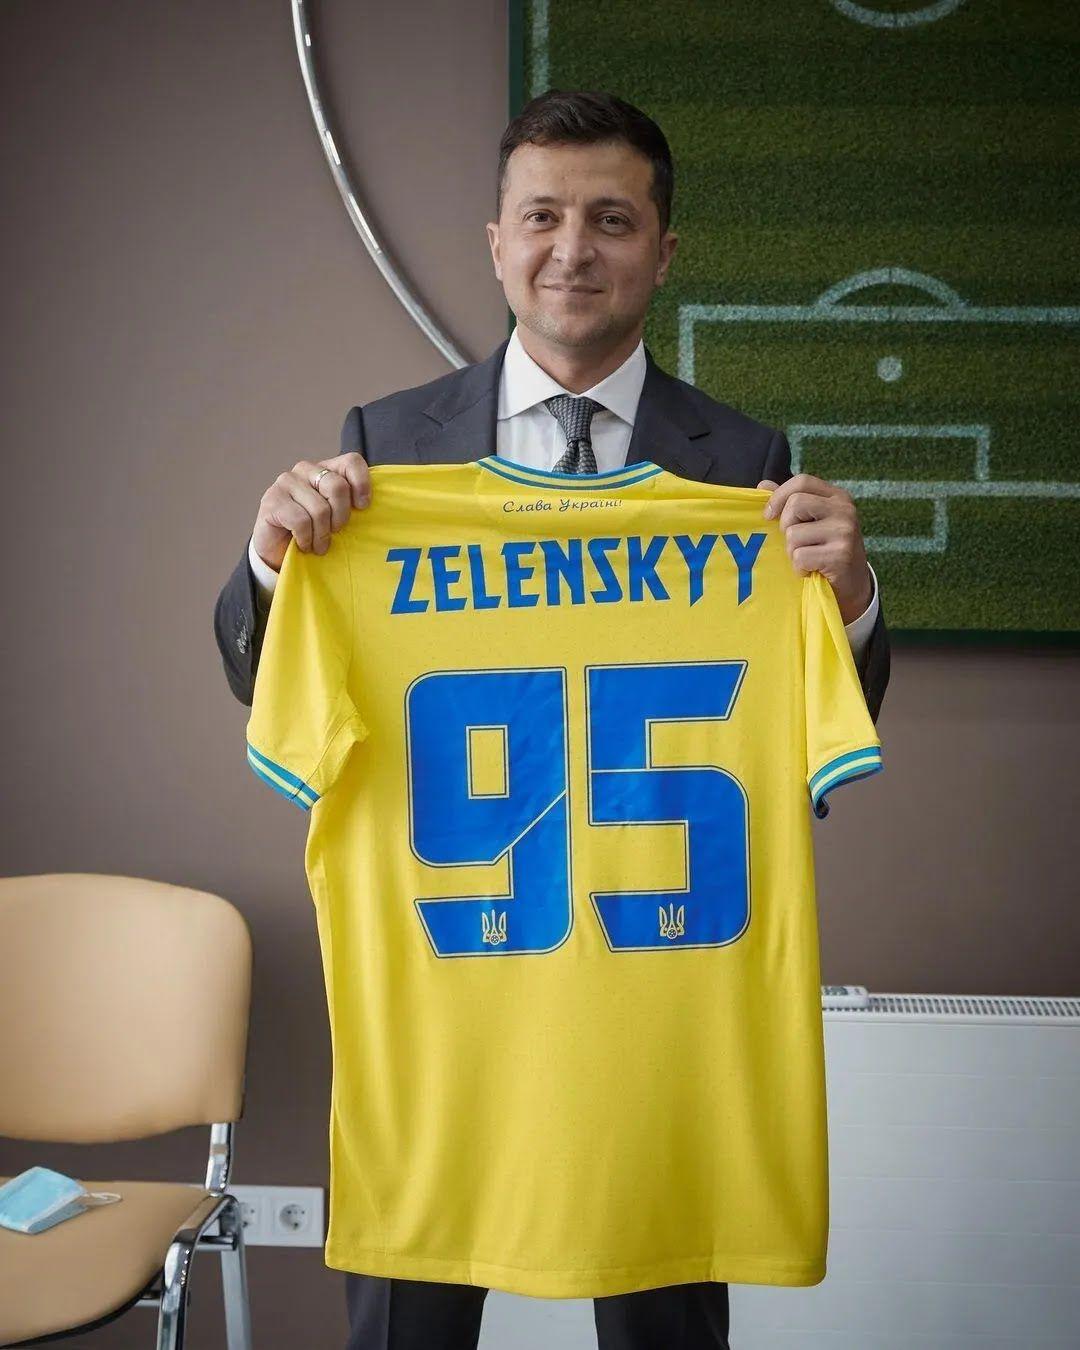 Владимир Зеленский с новой формой сборной Украины